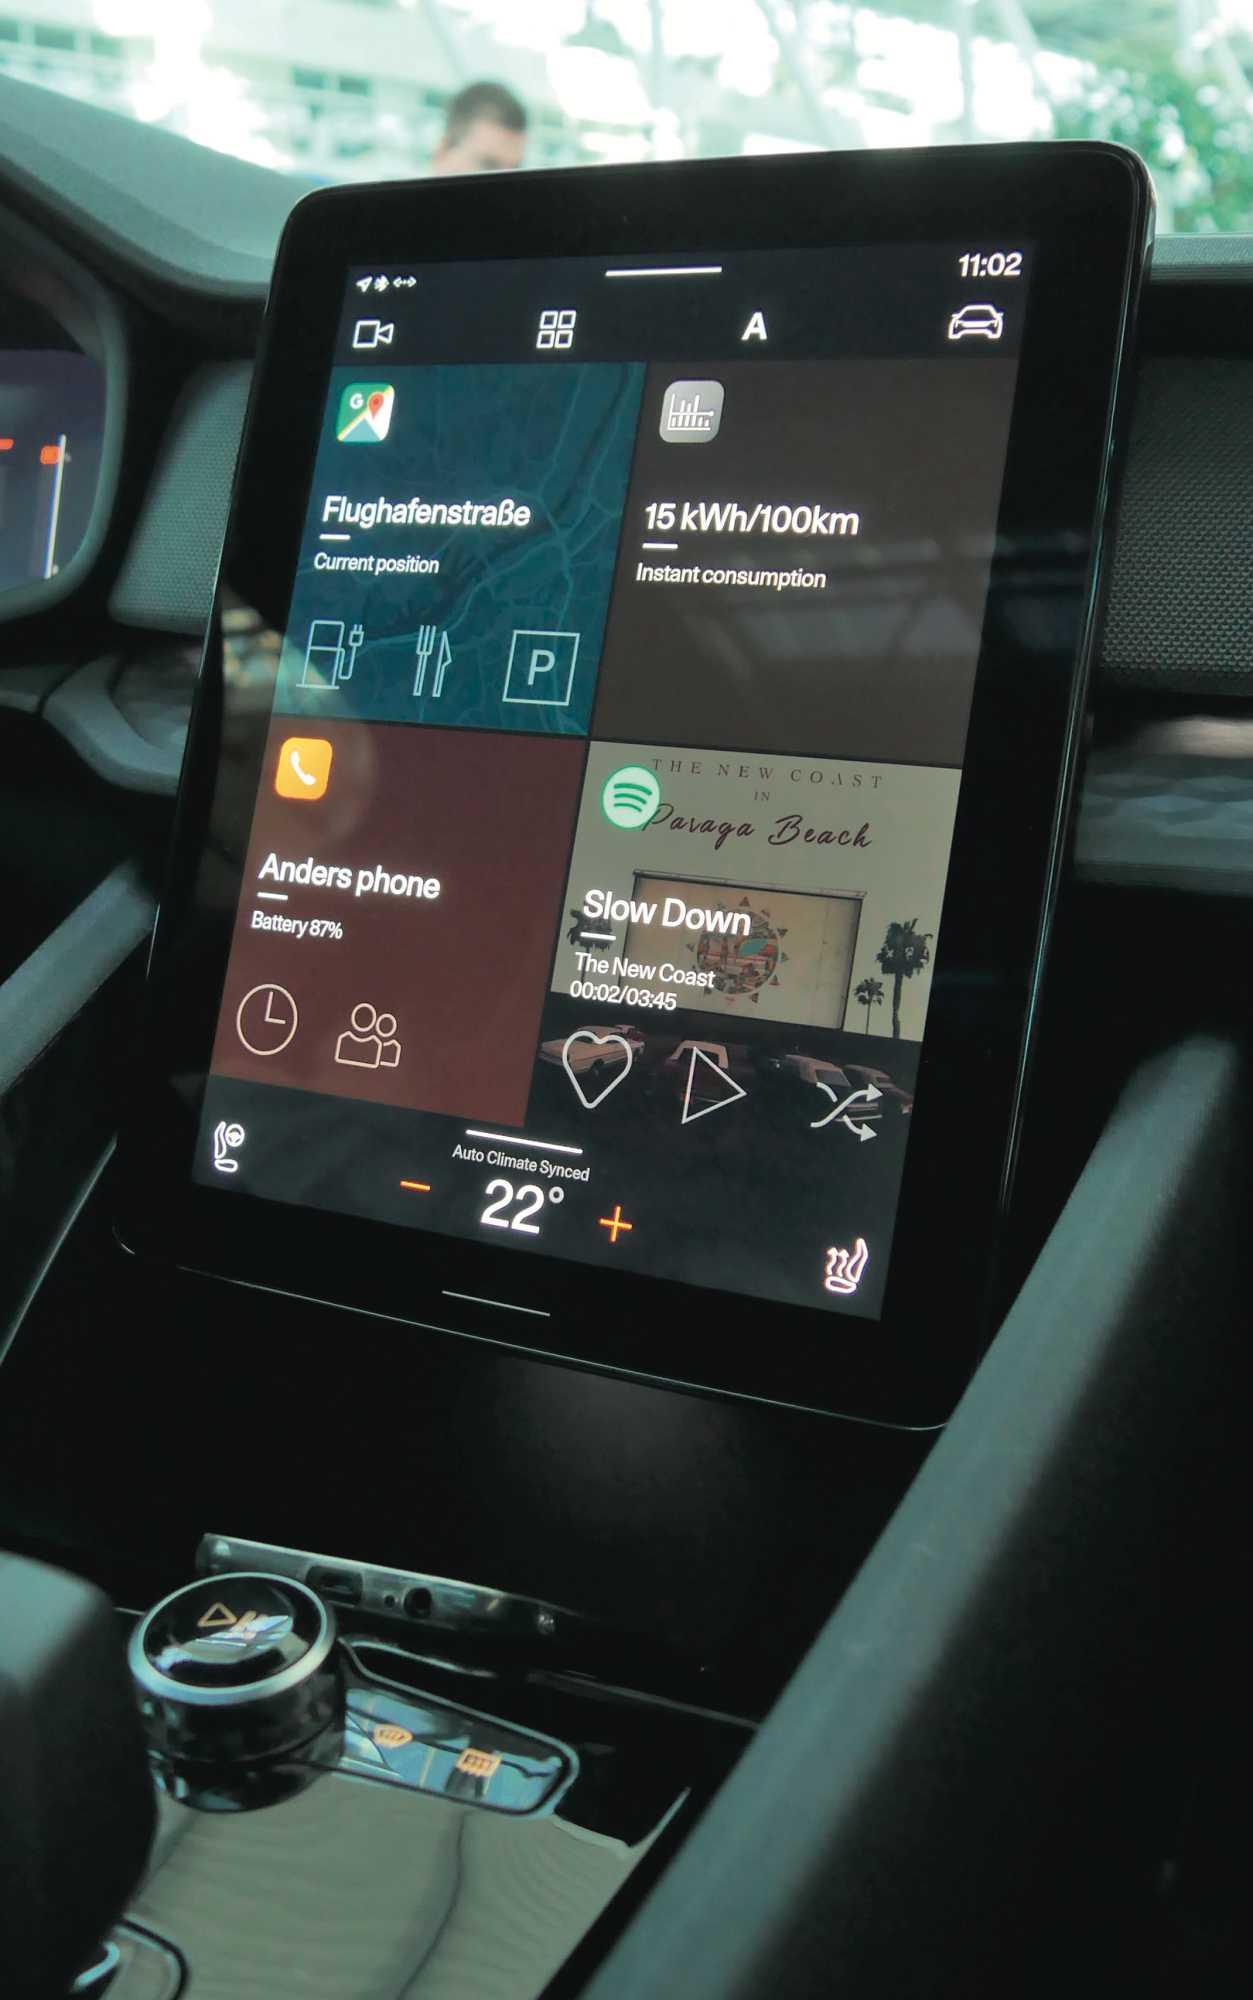 Android Automotive ähnelt dem bekannten Android Auto, hat aber zusätzlich auch Zugriff auf Fahrzeugfunktionen.